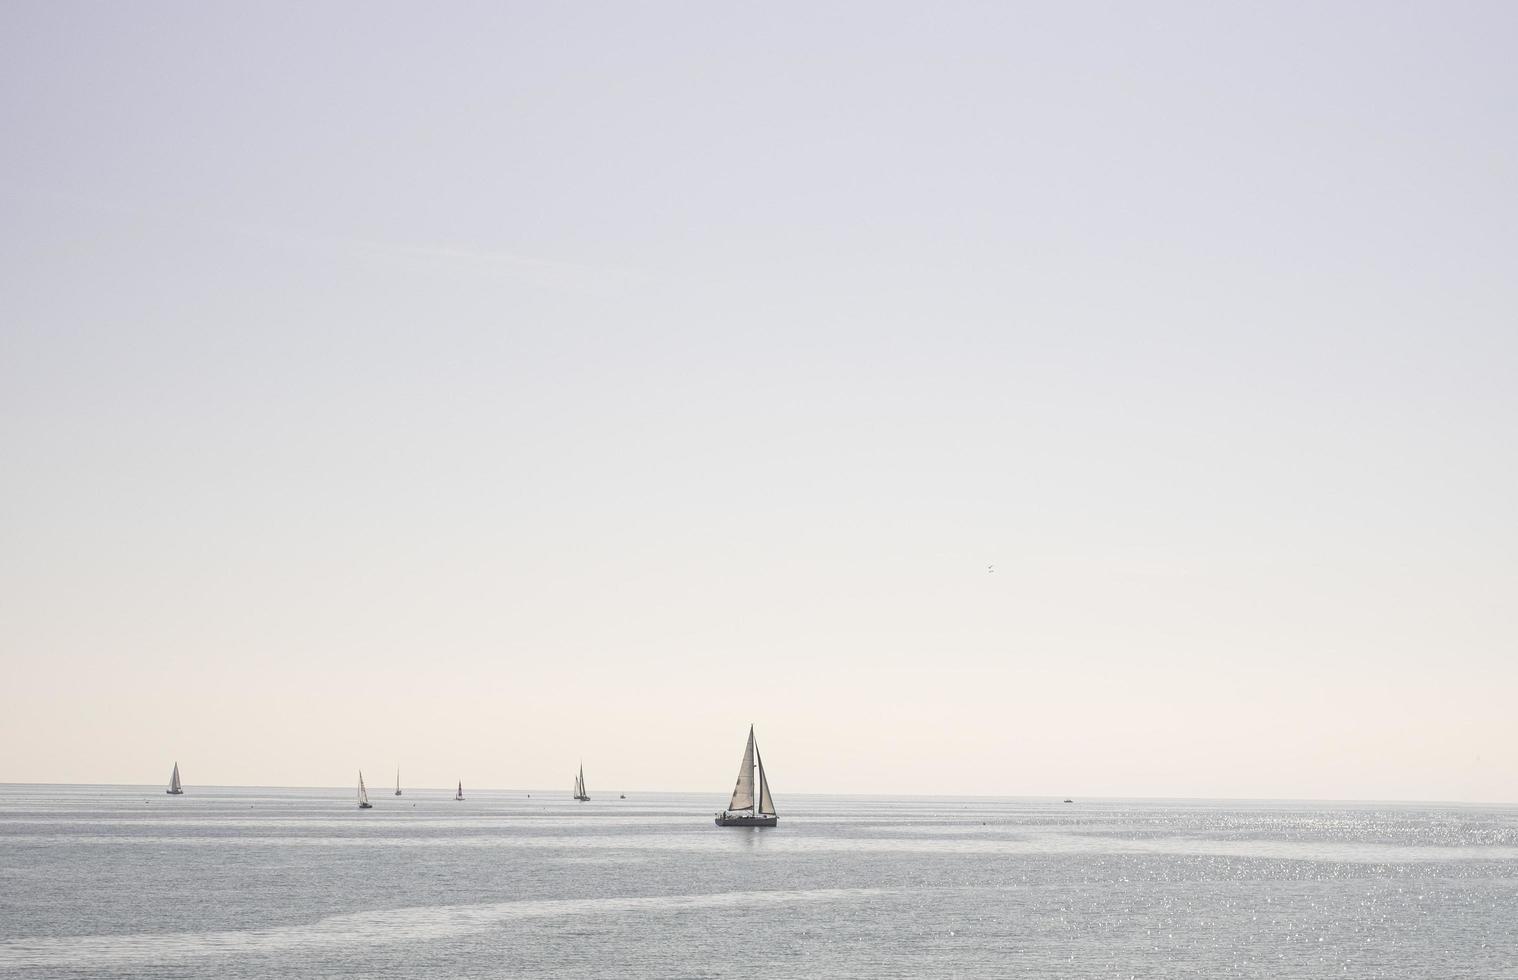 Segelboot segeln an einem klaren Tag im Meer foto